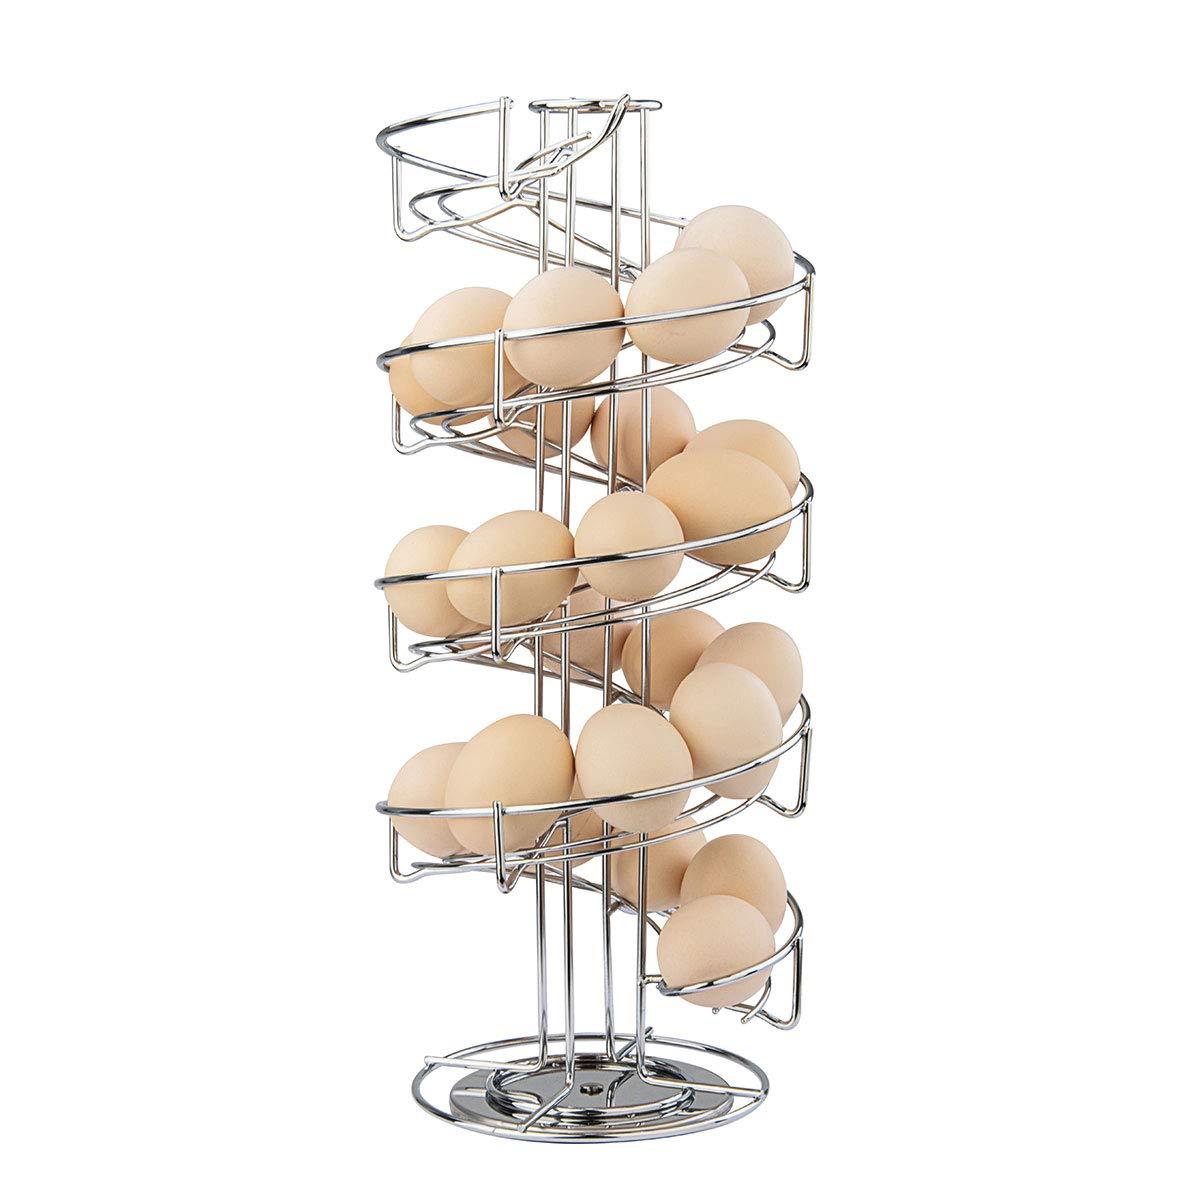 Toplife Spiral Design Stainless Steel Egg Skelter Dispenser Rack,Storage Display Rack,Silver